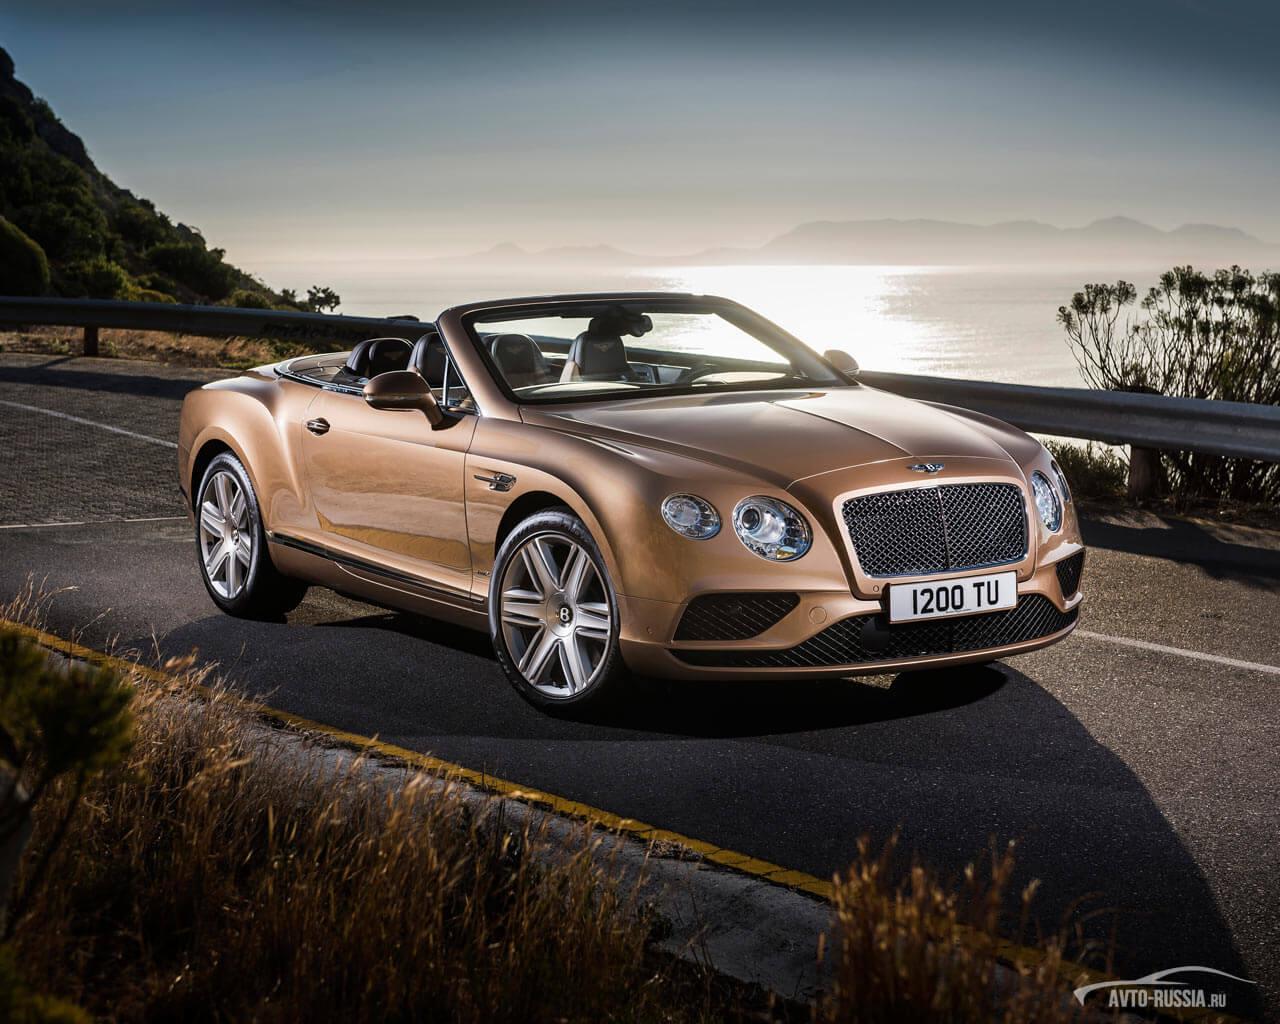 Bentley Continental Gtc цена технические характеристики фото отзывы дилеры Бентли